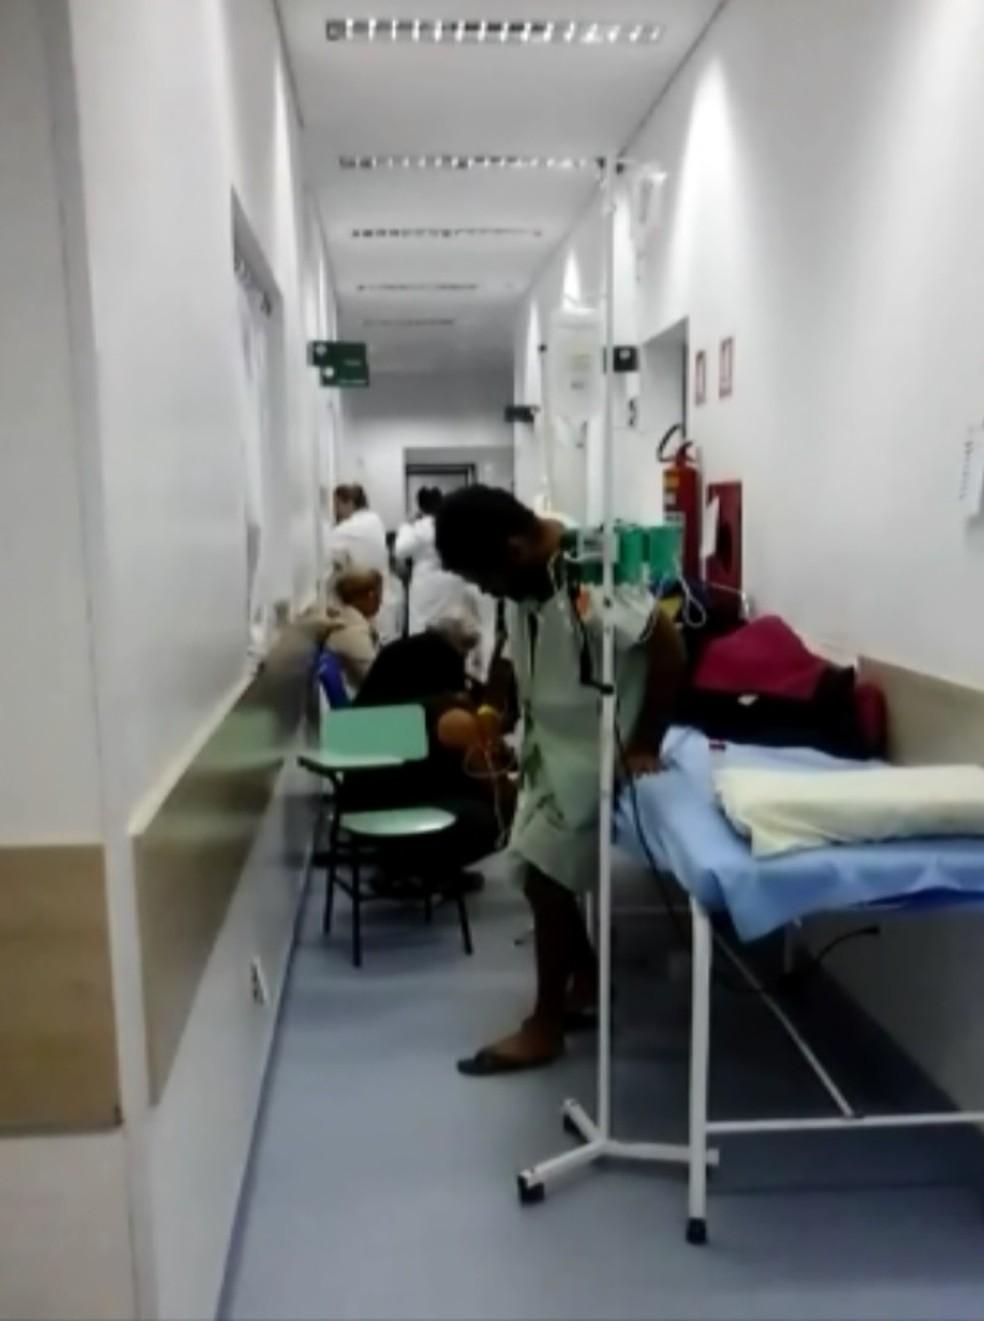 Vídeo mostra corredor lotado no Hospital Samuel Libânio em Pouso Alegre (Foto: Reprodução/EPTV)